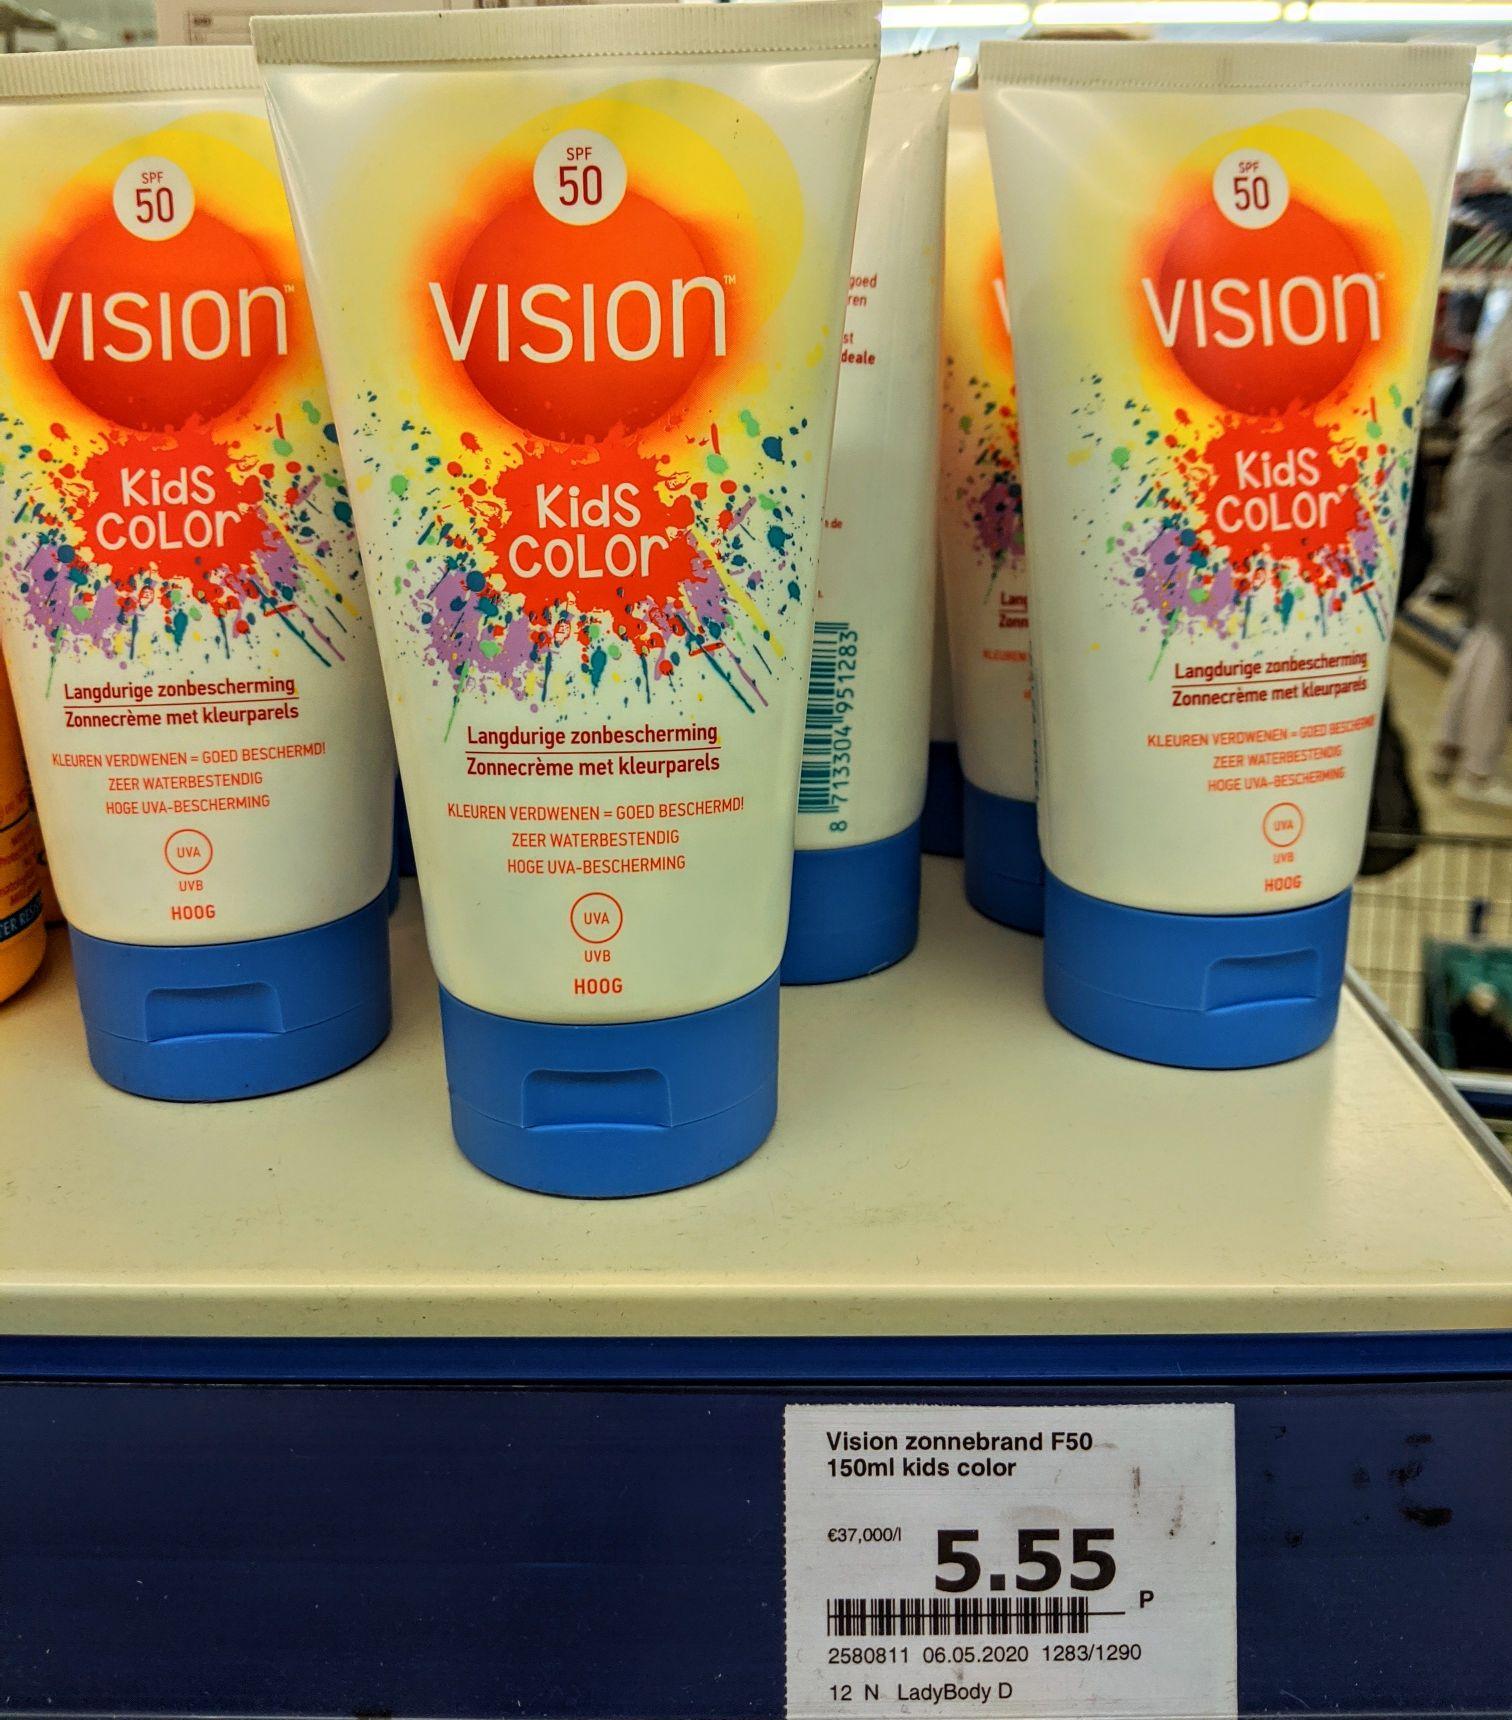 Vision SPF50 Kids Color (nieuw bij Action)